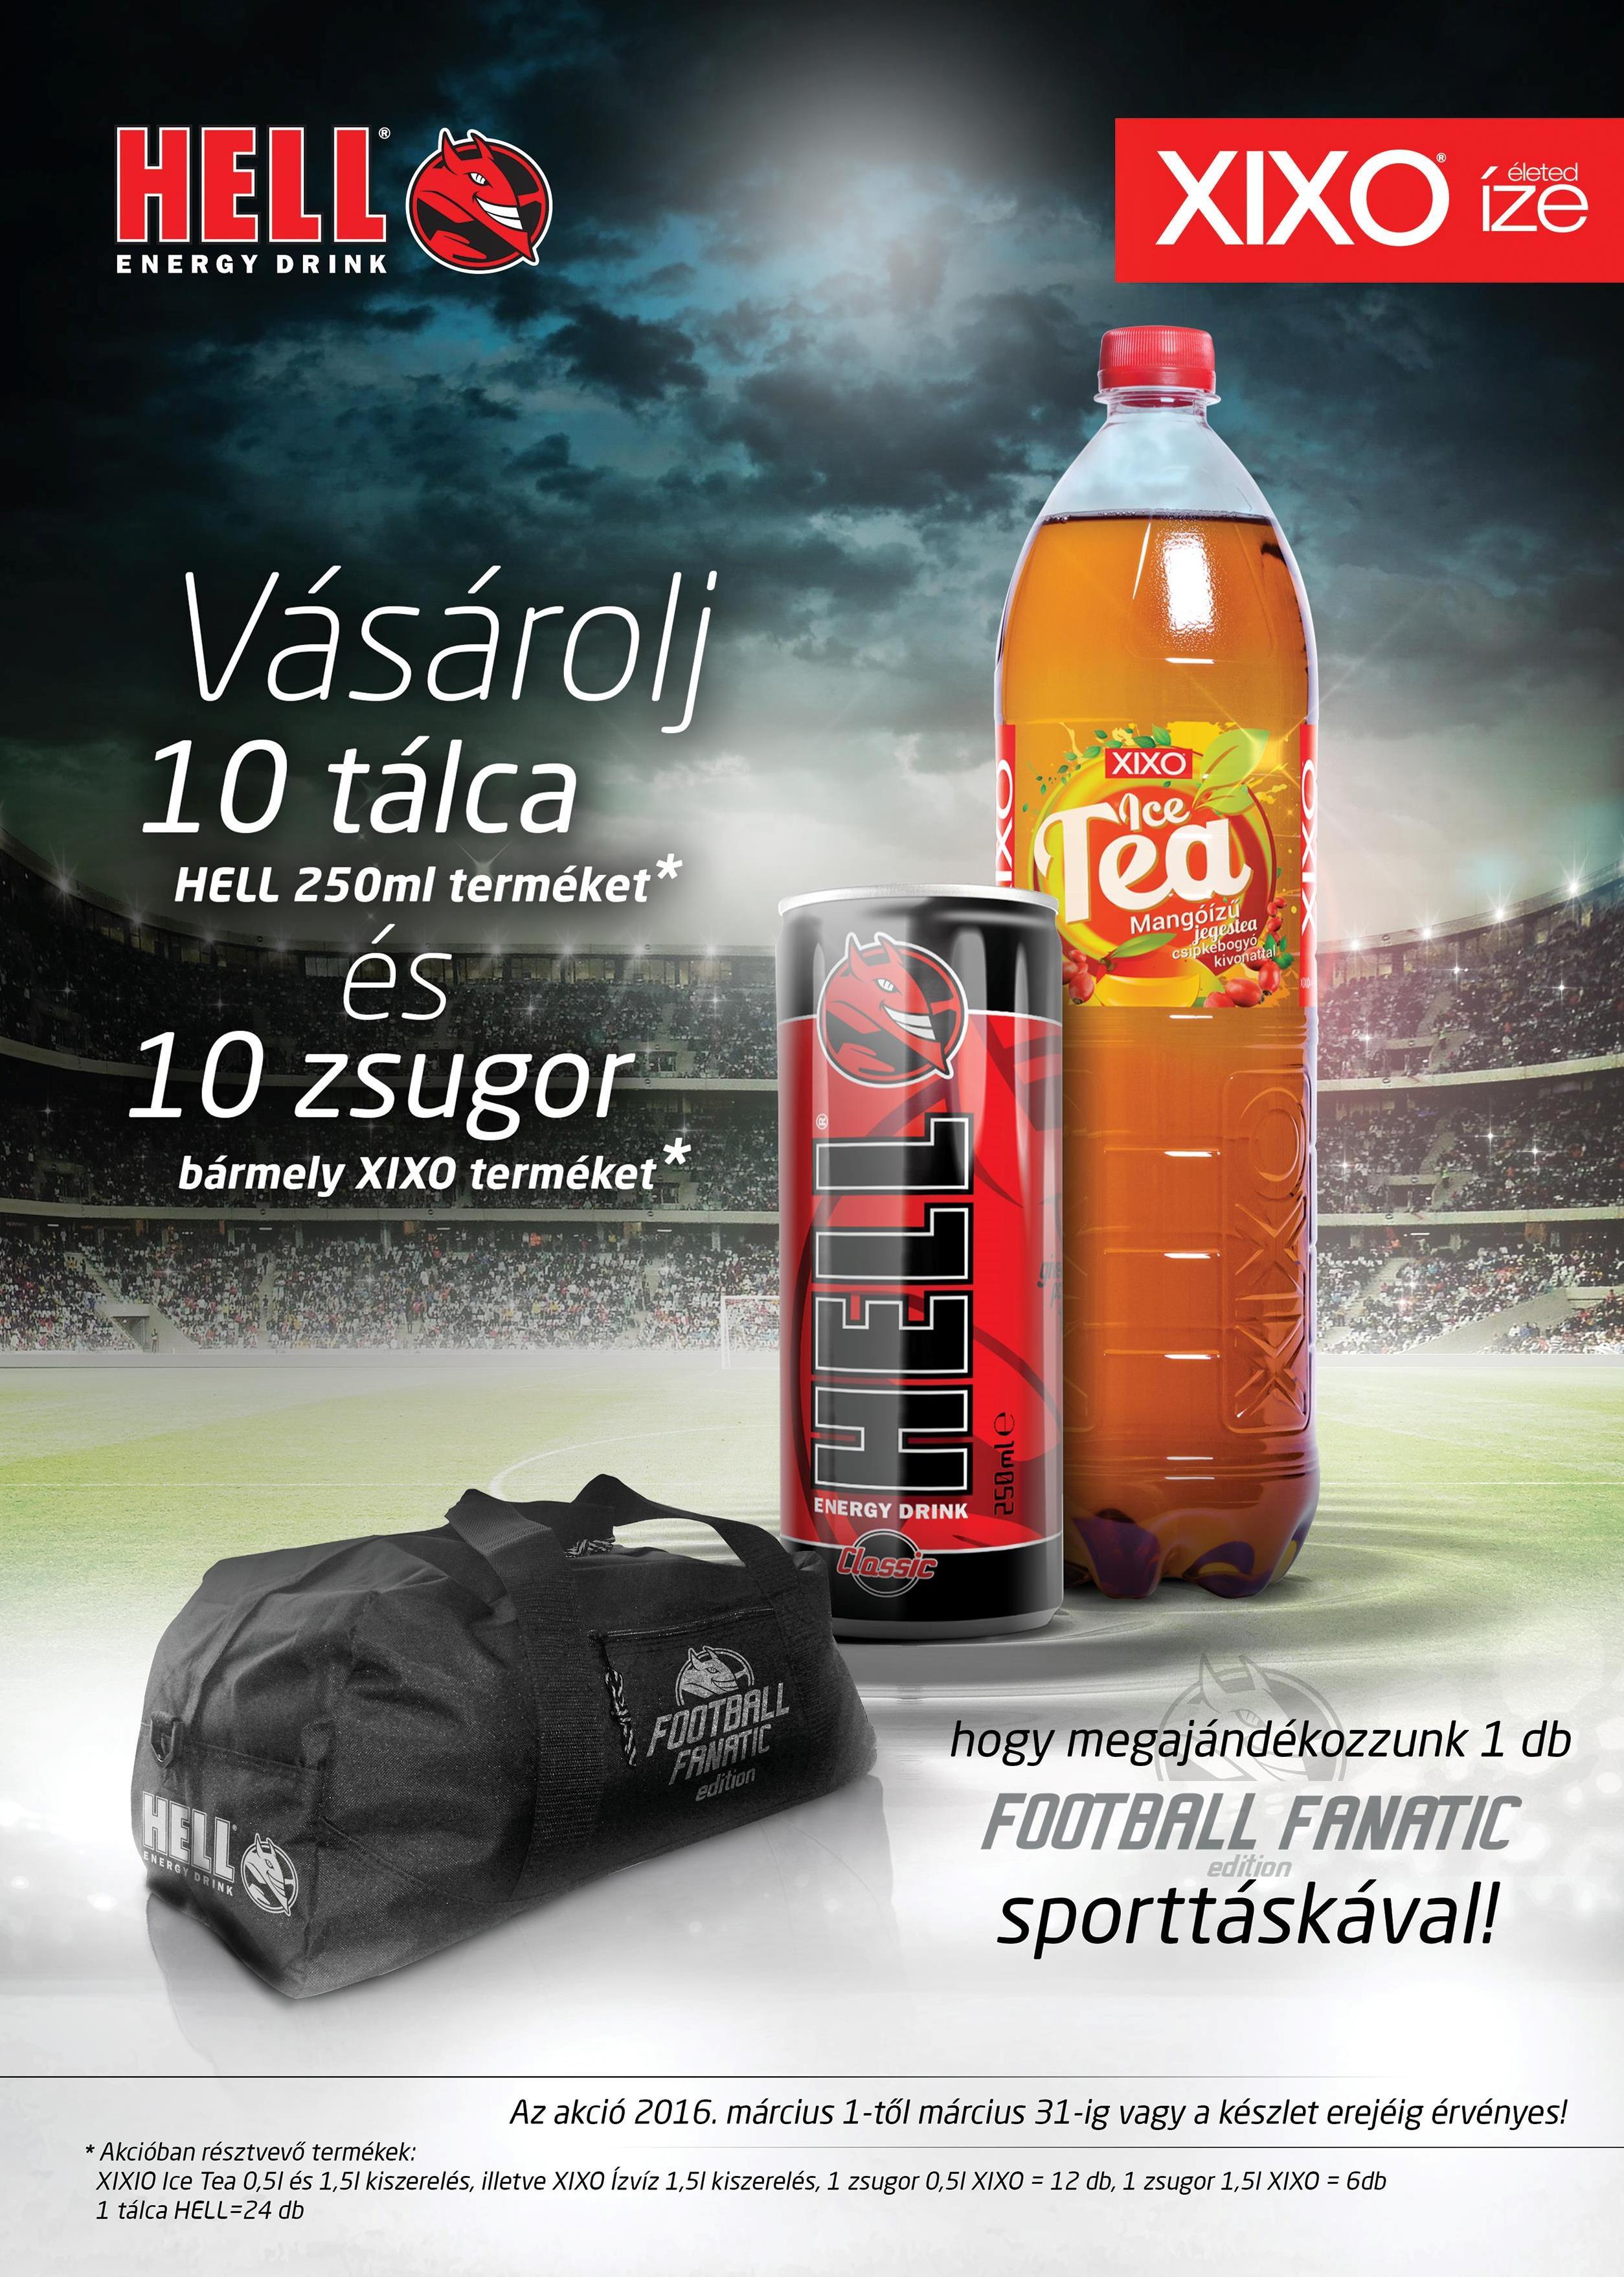 10 tálca Hell és 10 zsugor Xixo mellé ajándék Football Fanatic sporttáskát adunk